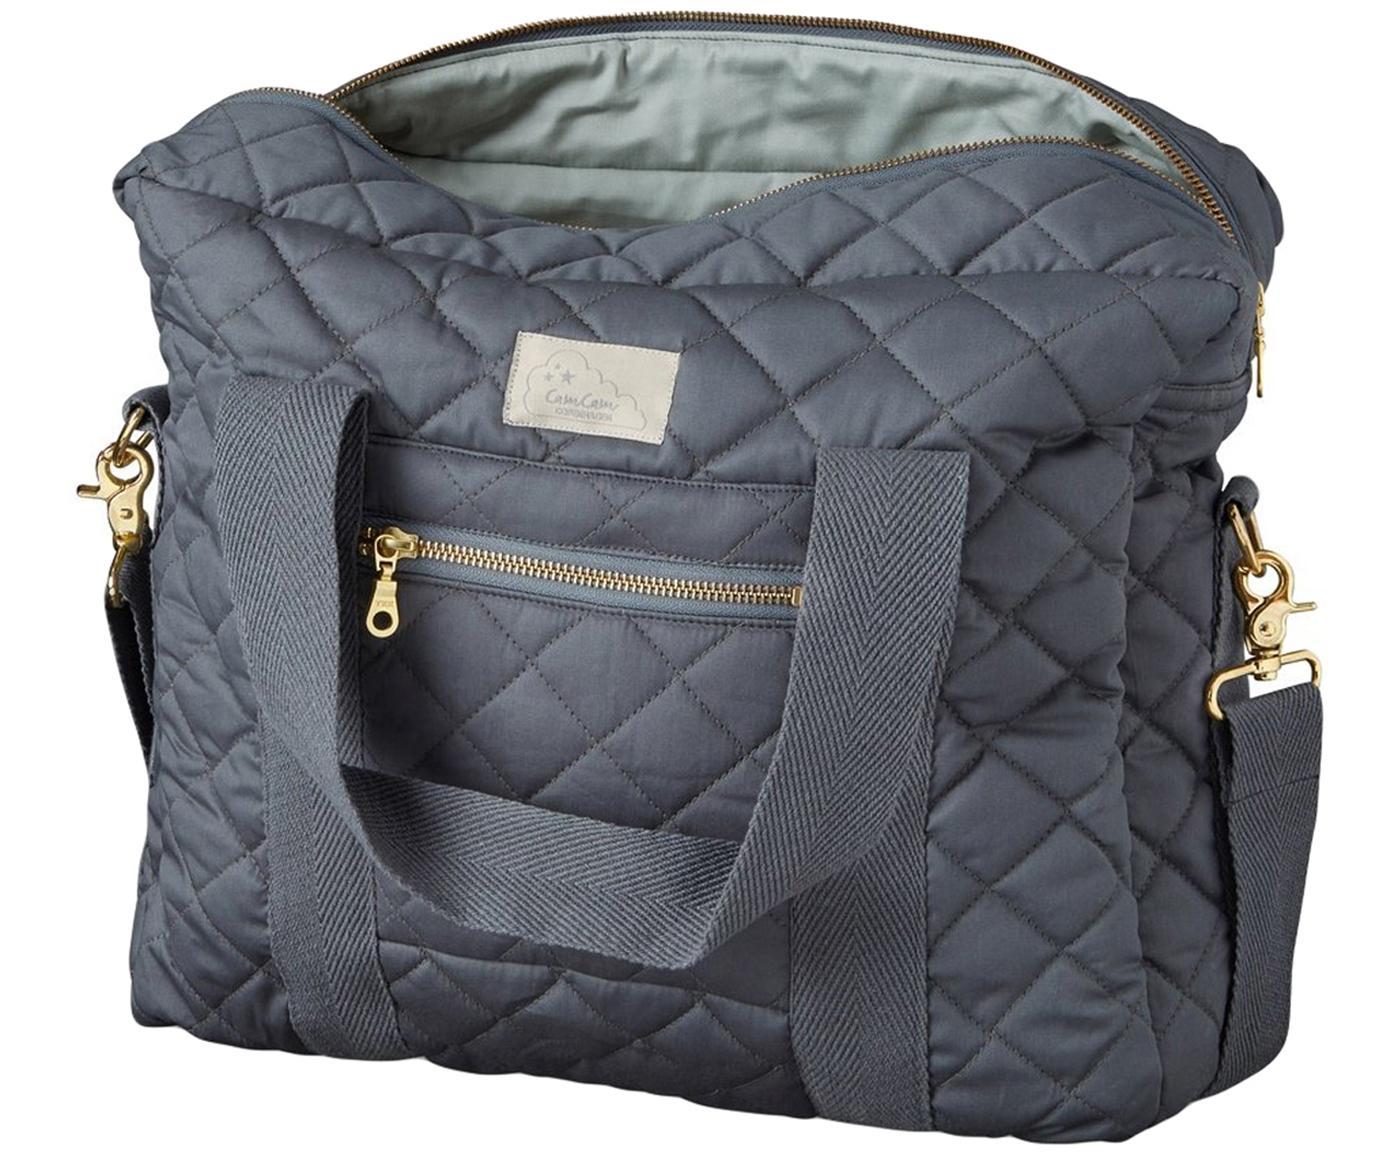 Bolsa para pañales de algodón ecológico Camila, Exterior: algodón ecológico, certif, Gris, An 39 x Al 31 cm